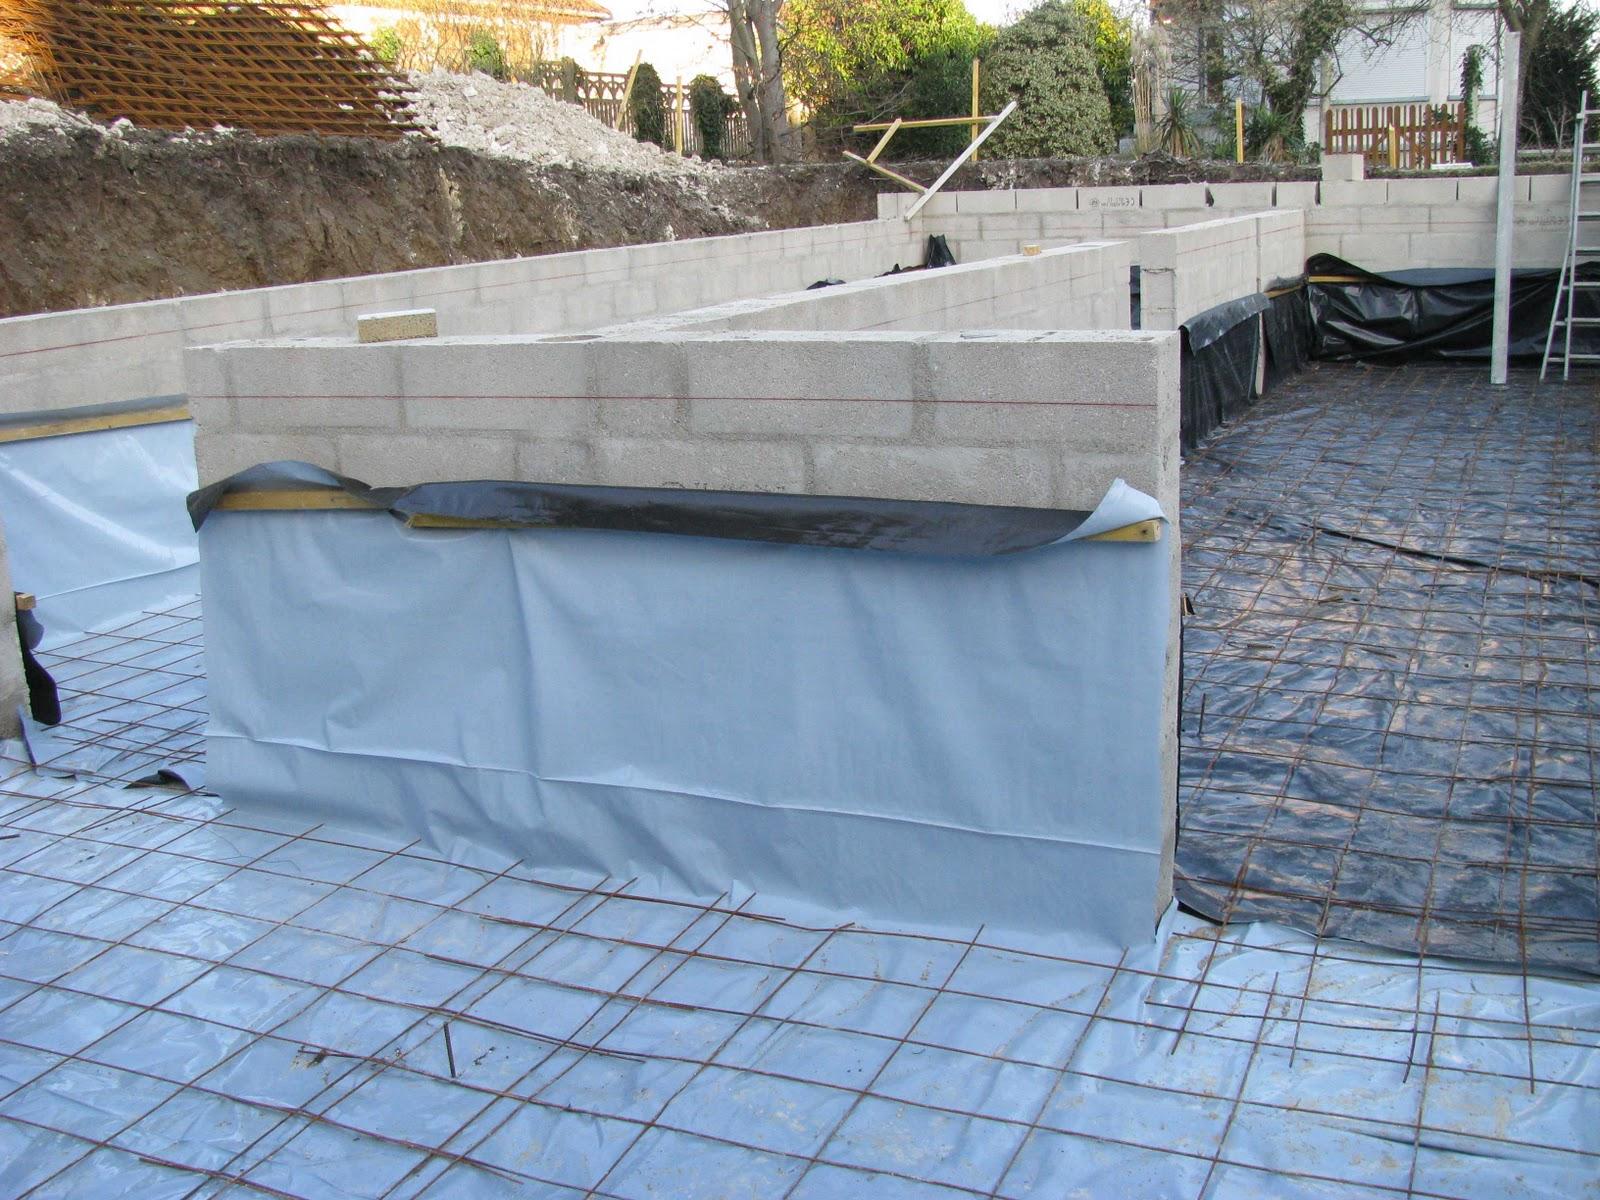 Je fais construire ma maison coulage de la dalle 2 7 for Construire ma maison